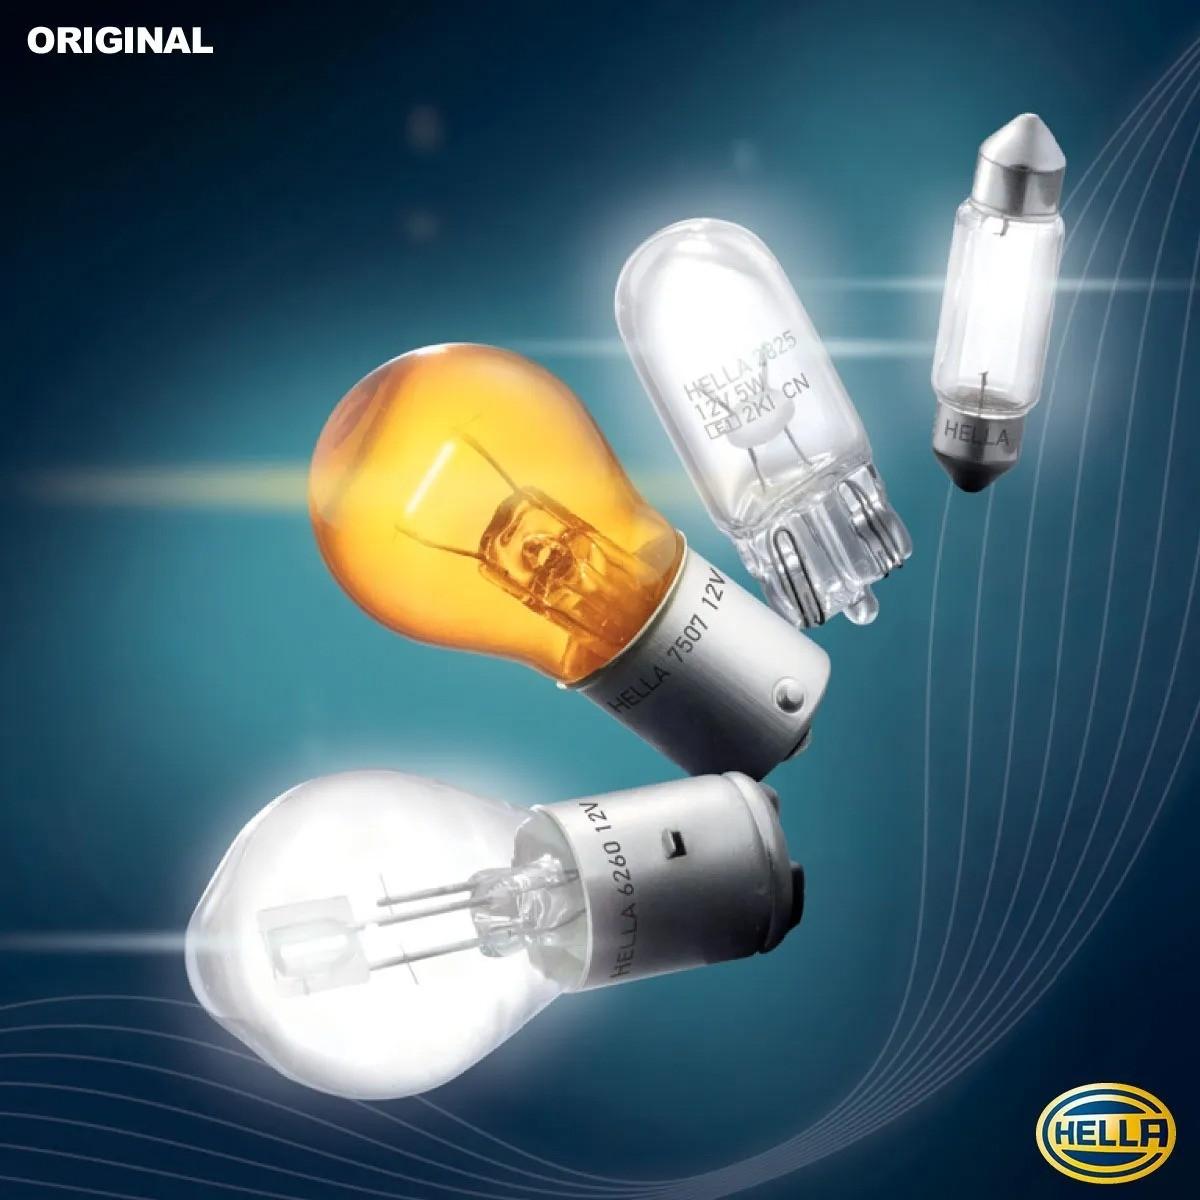 LAMPADA CONVENCIONAL 12V H15 12V 15/55W